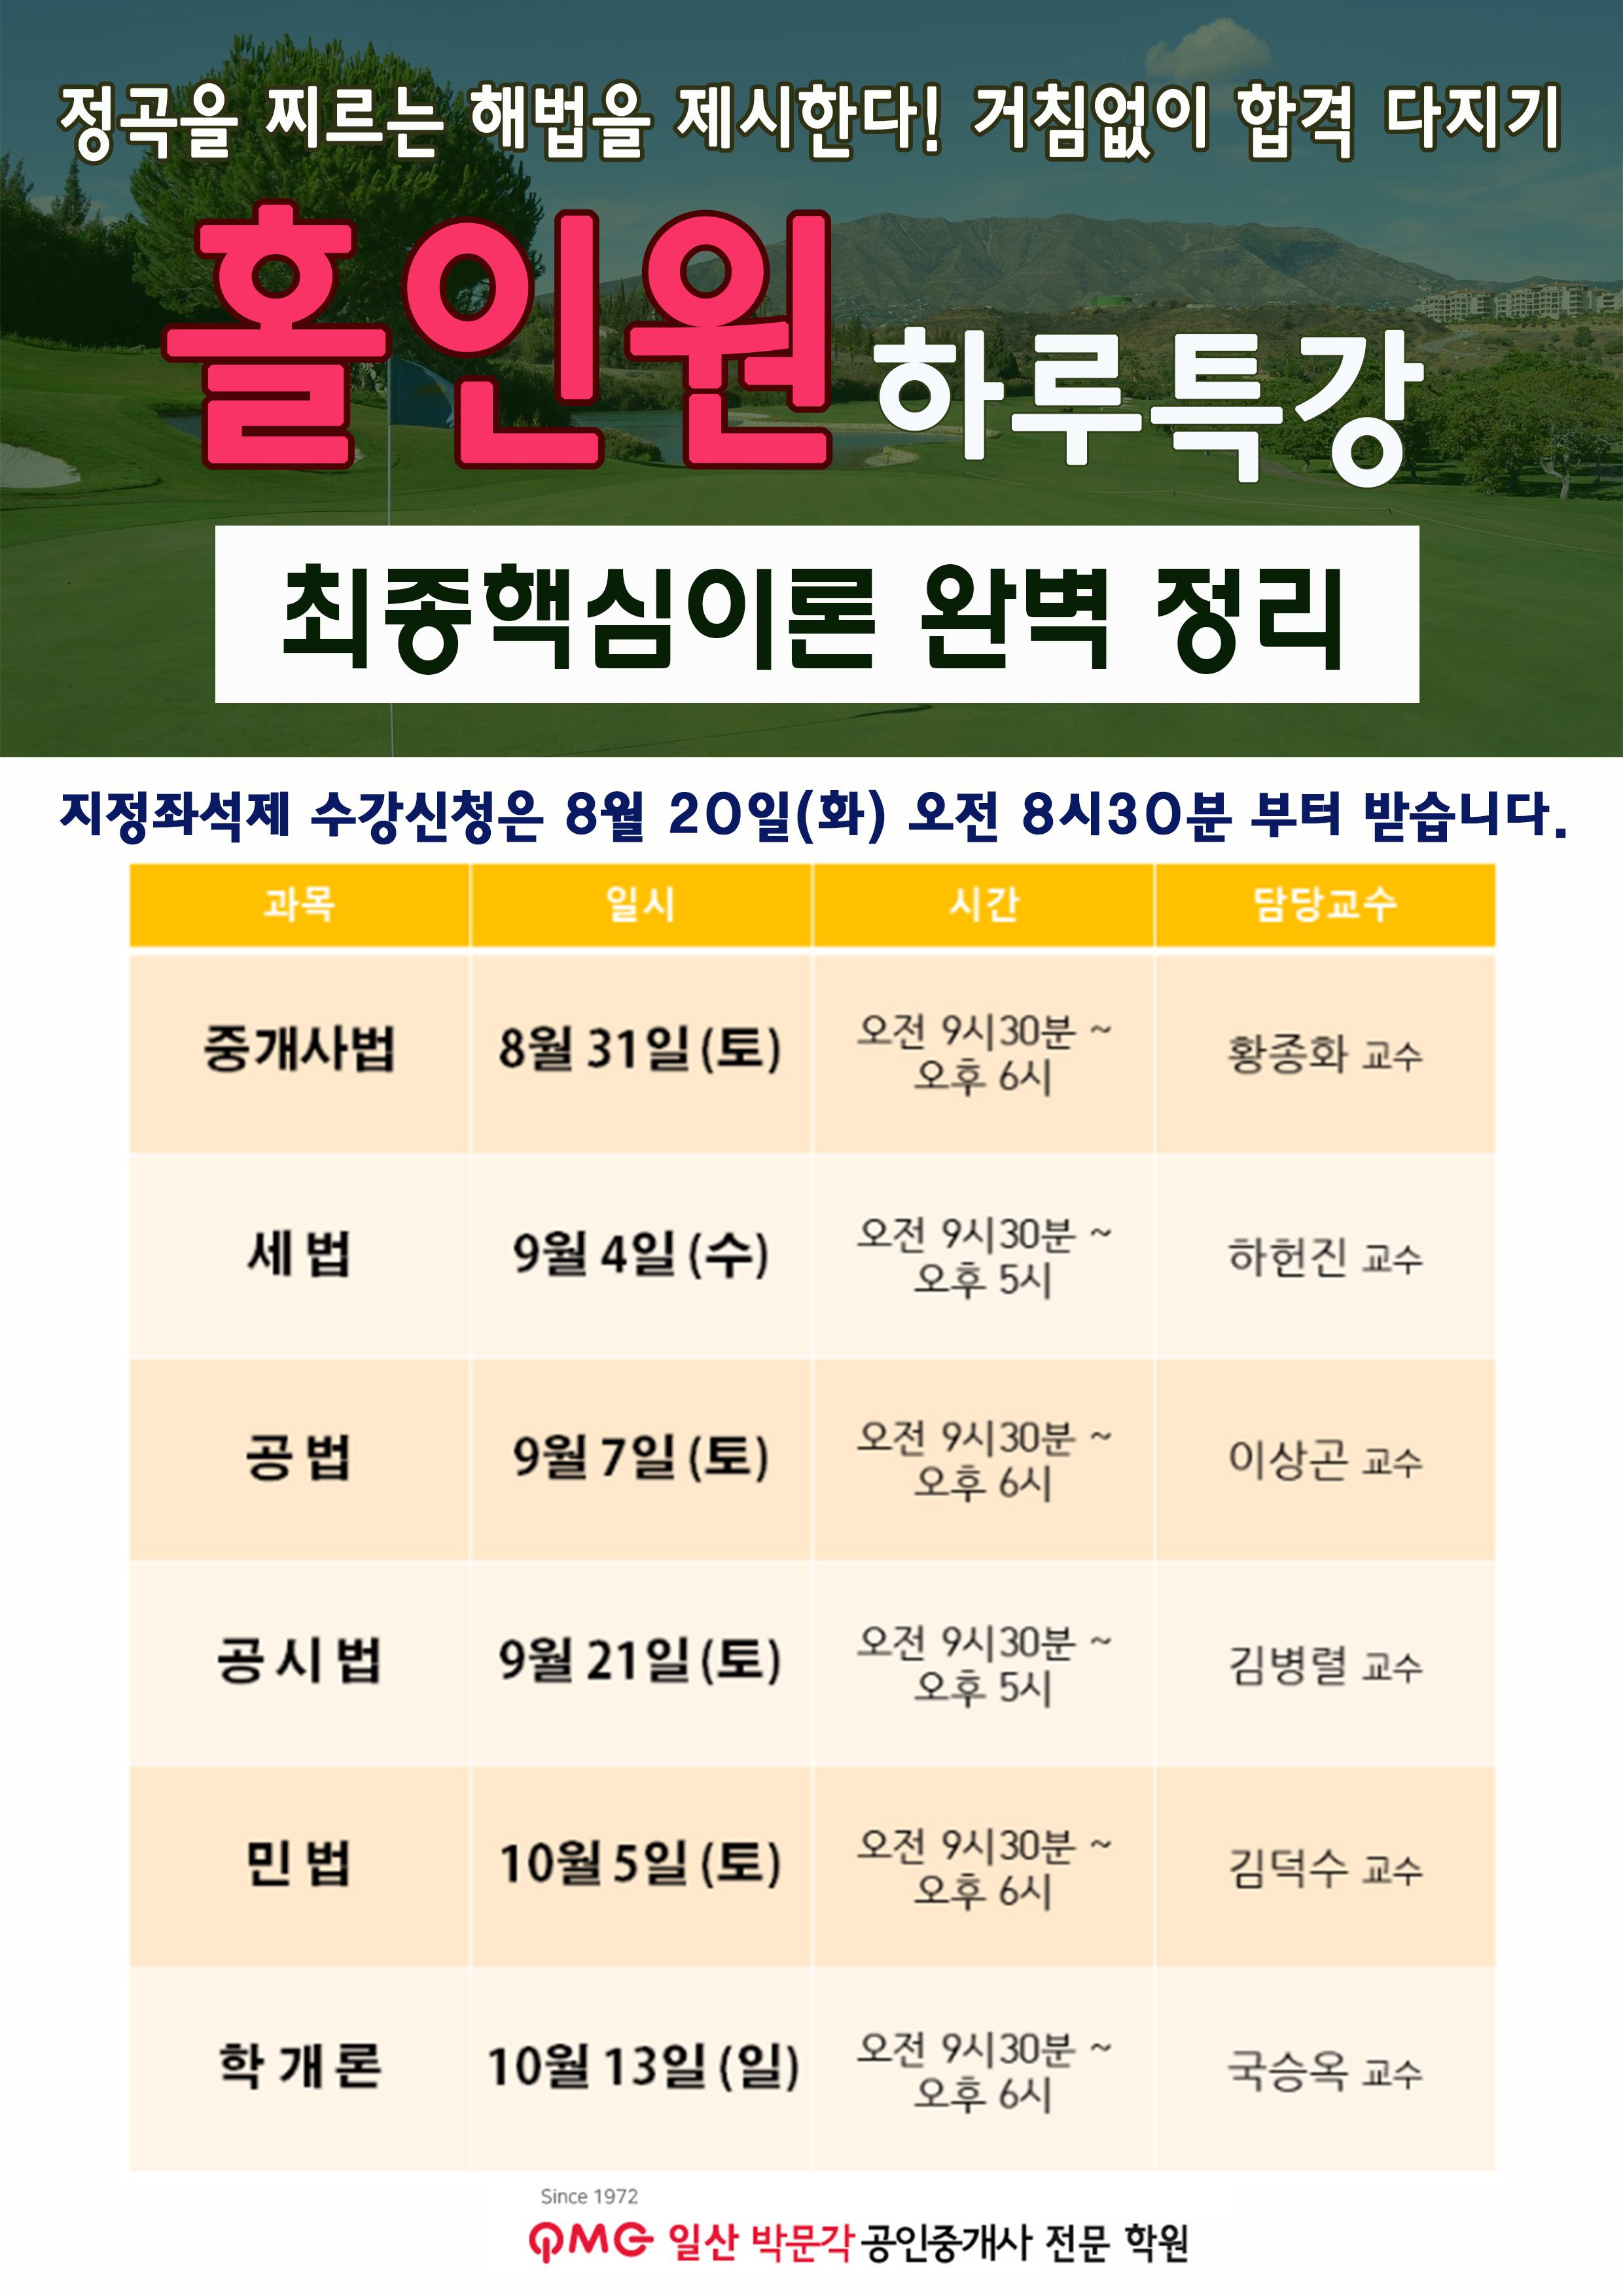 2019년 홀인원 하루특강 안내